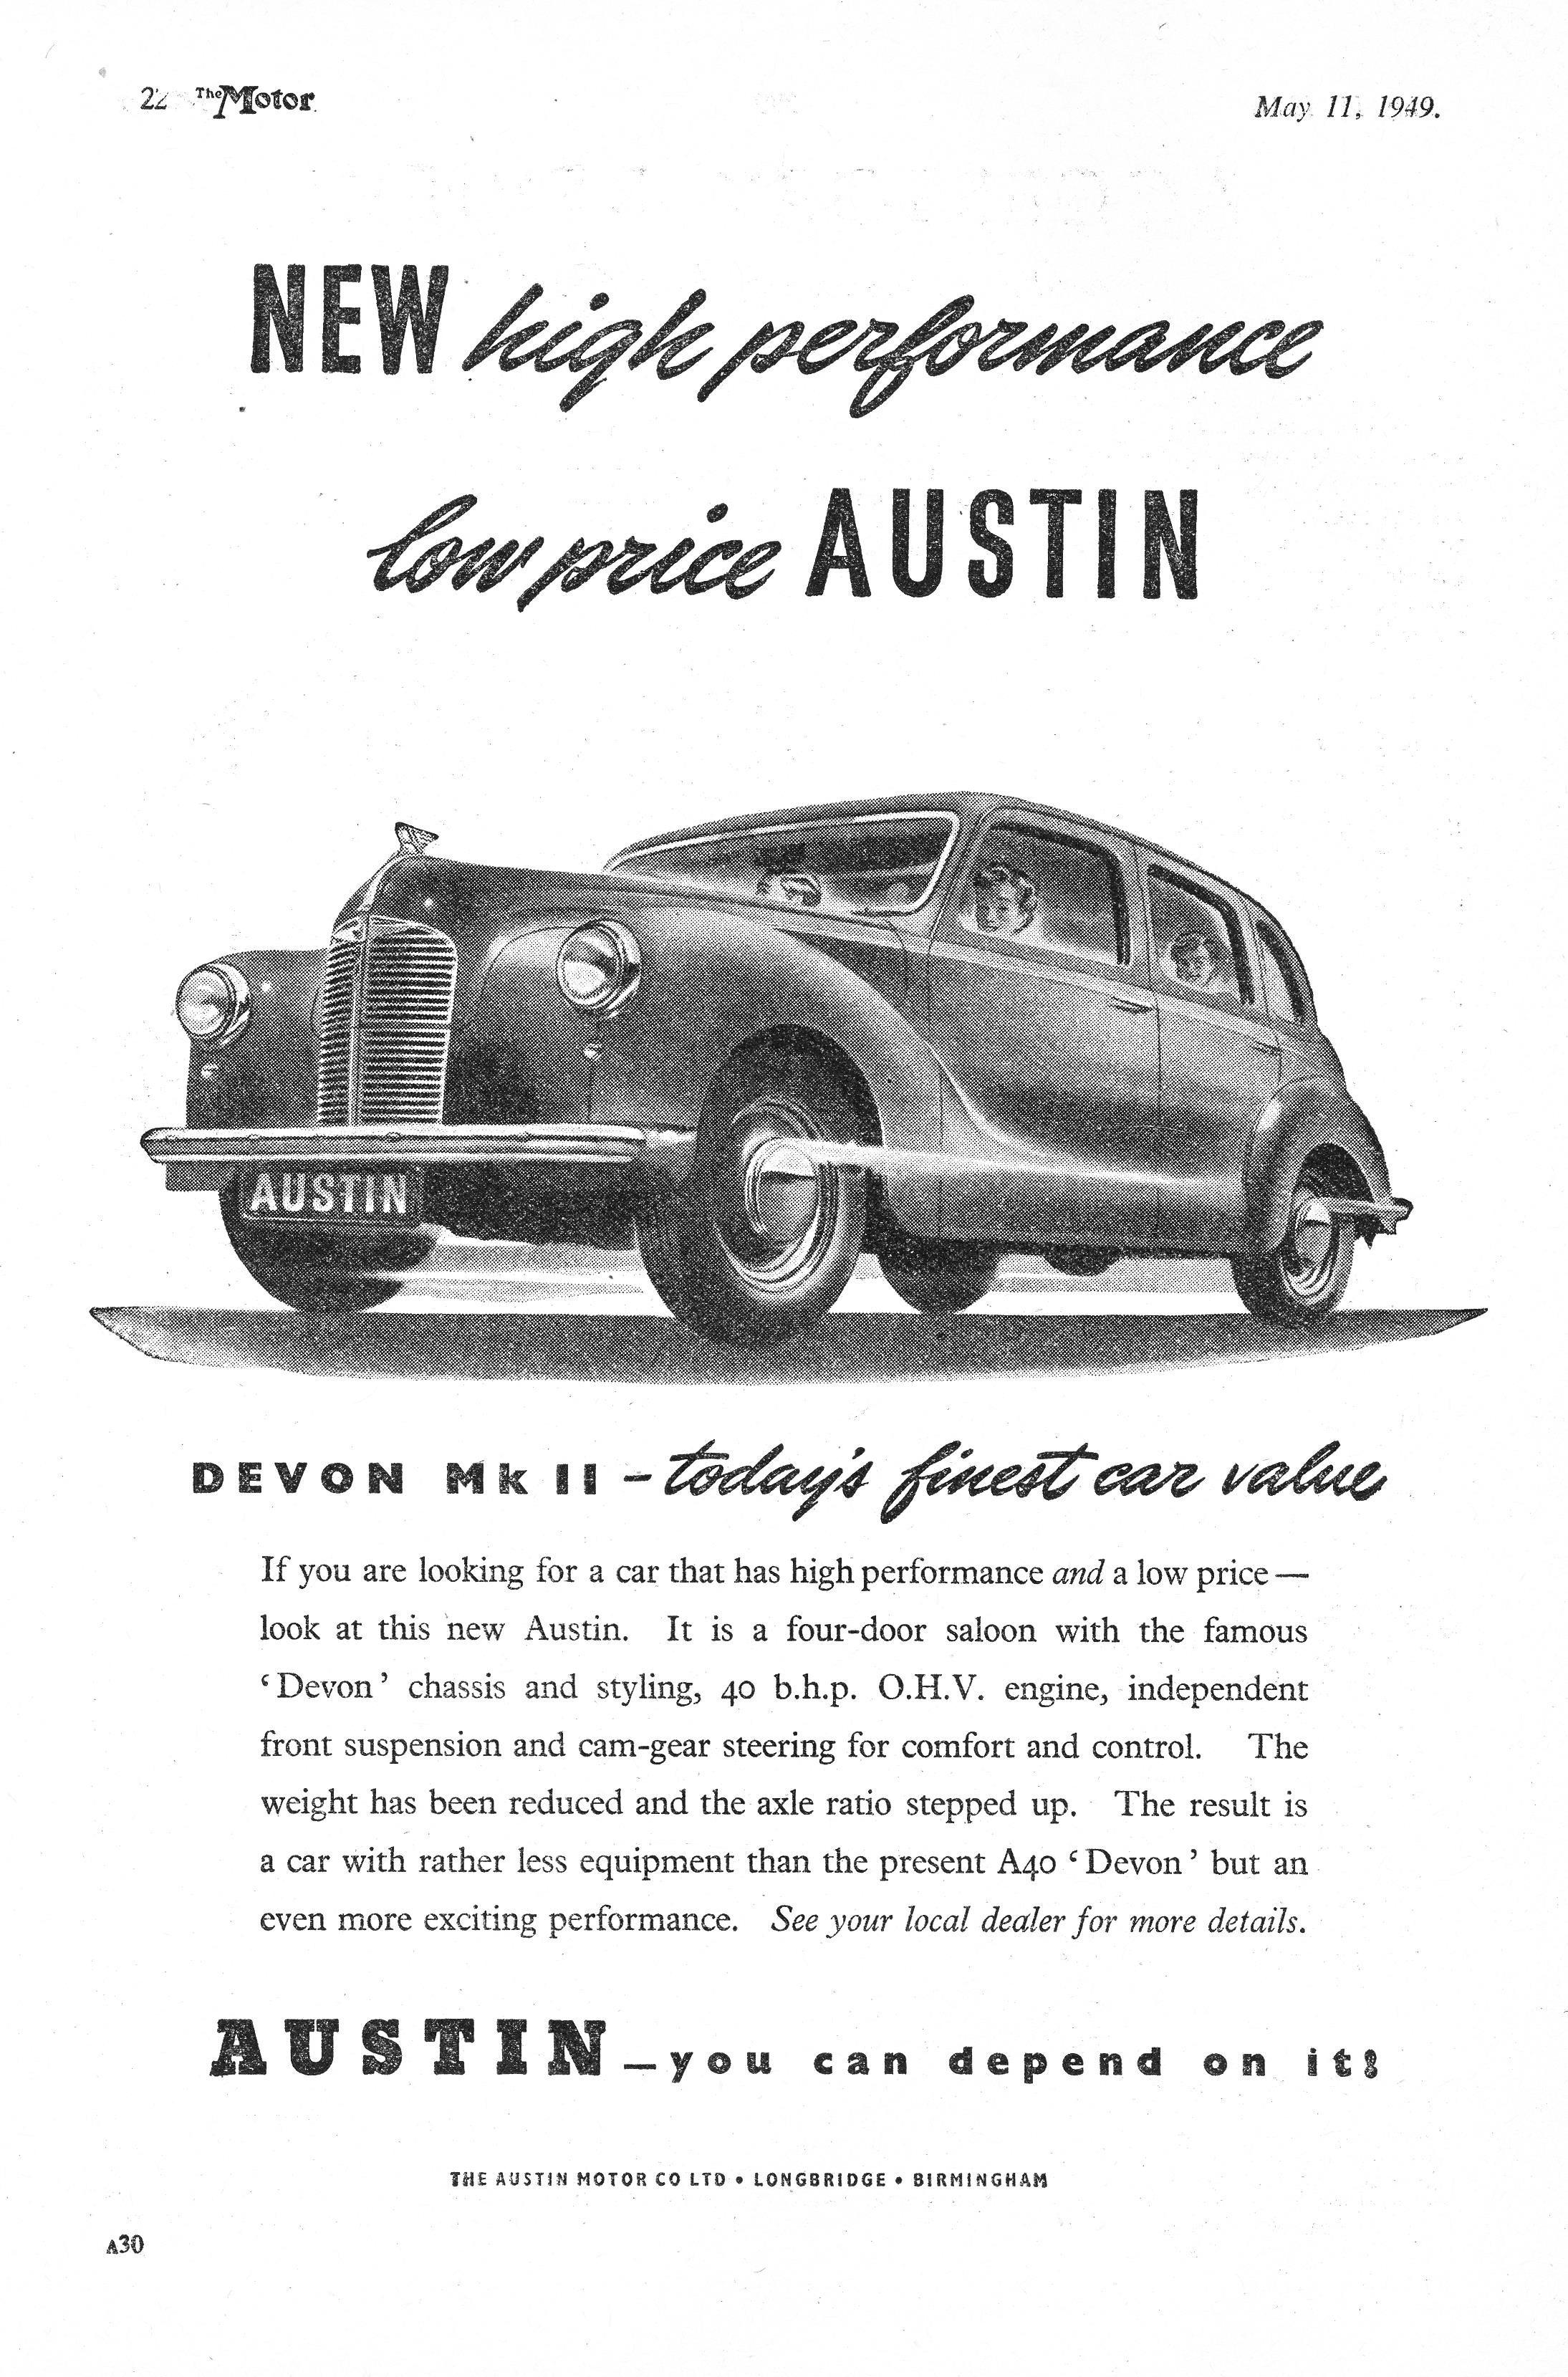 austin car autocar advert 1949